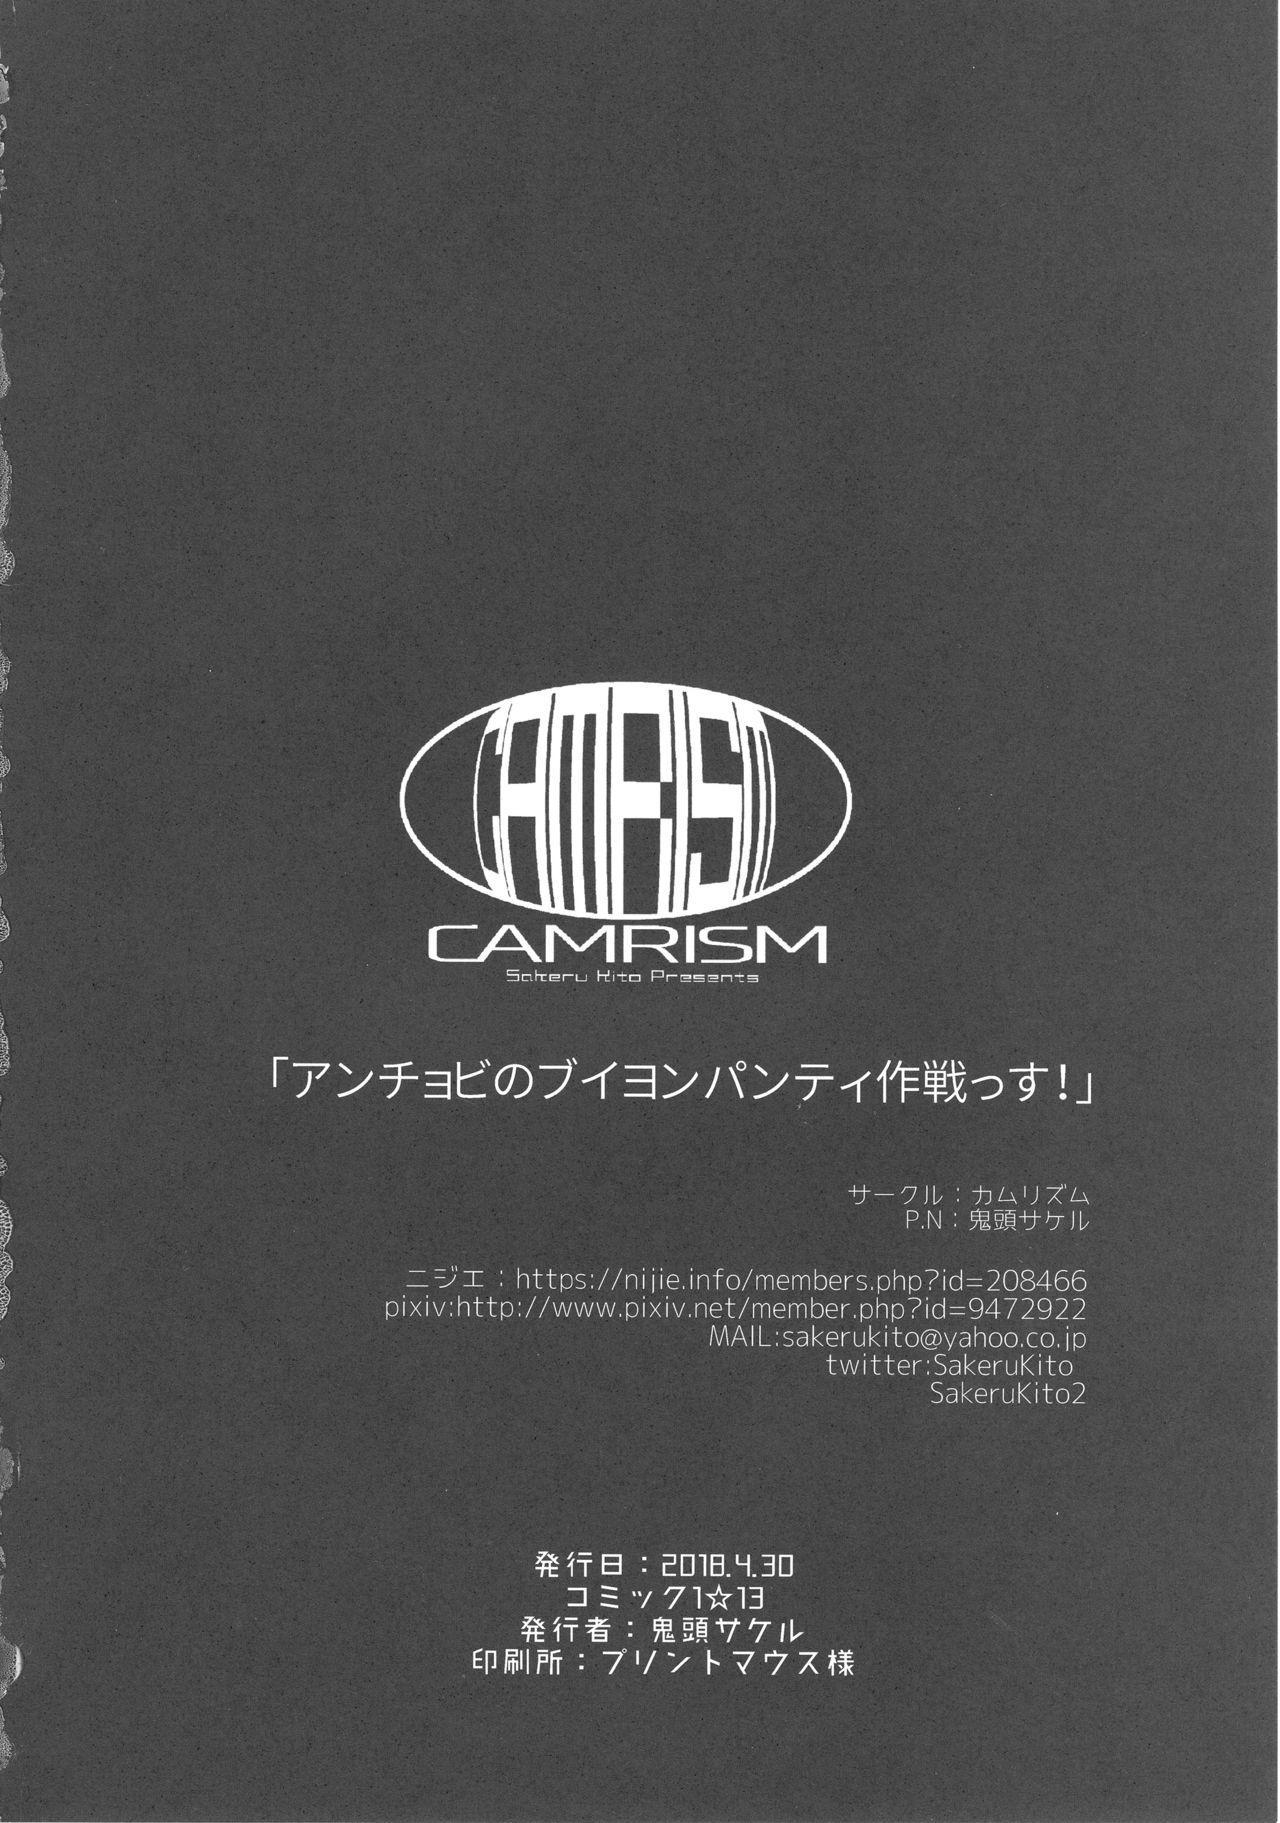 (COMIC1☆13) [Camrism (Kito Sakeru)] Anchovy Nee-san no Bouillon Panty Sakusen-ssu! (Girls und Panzer) 24